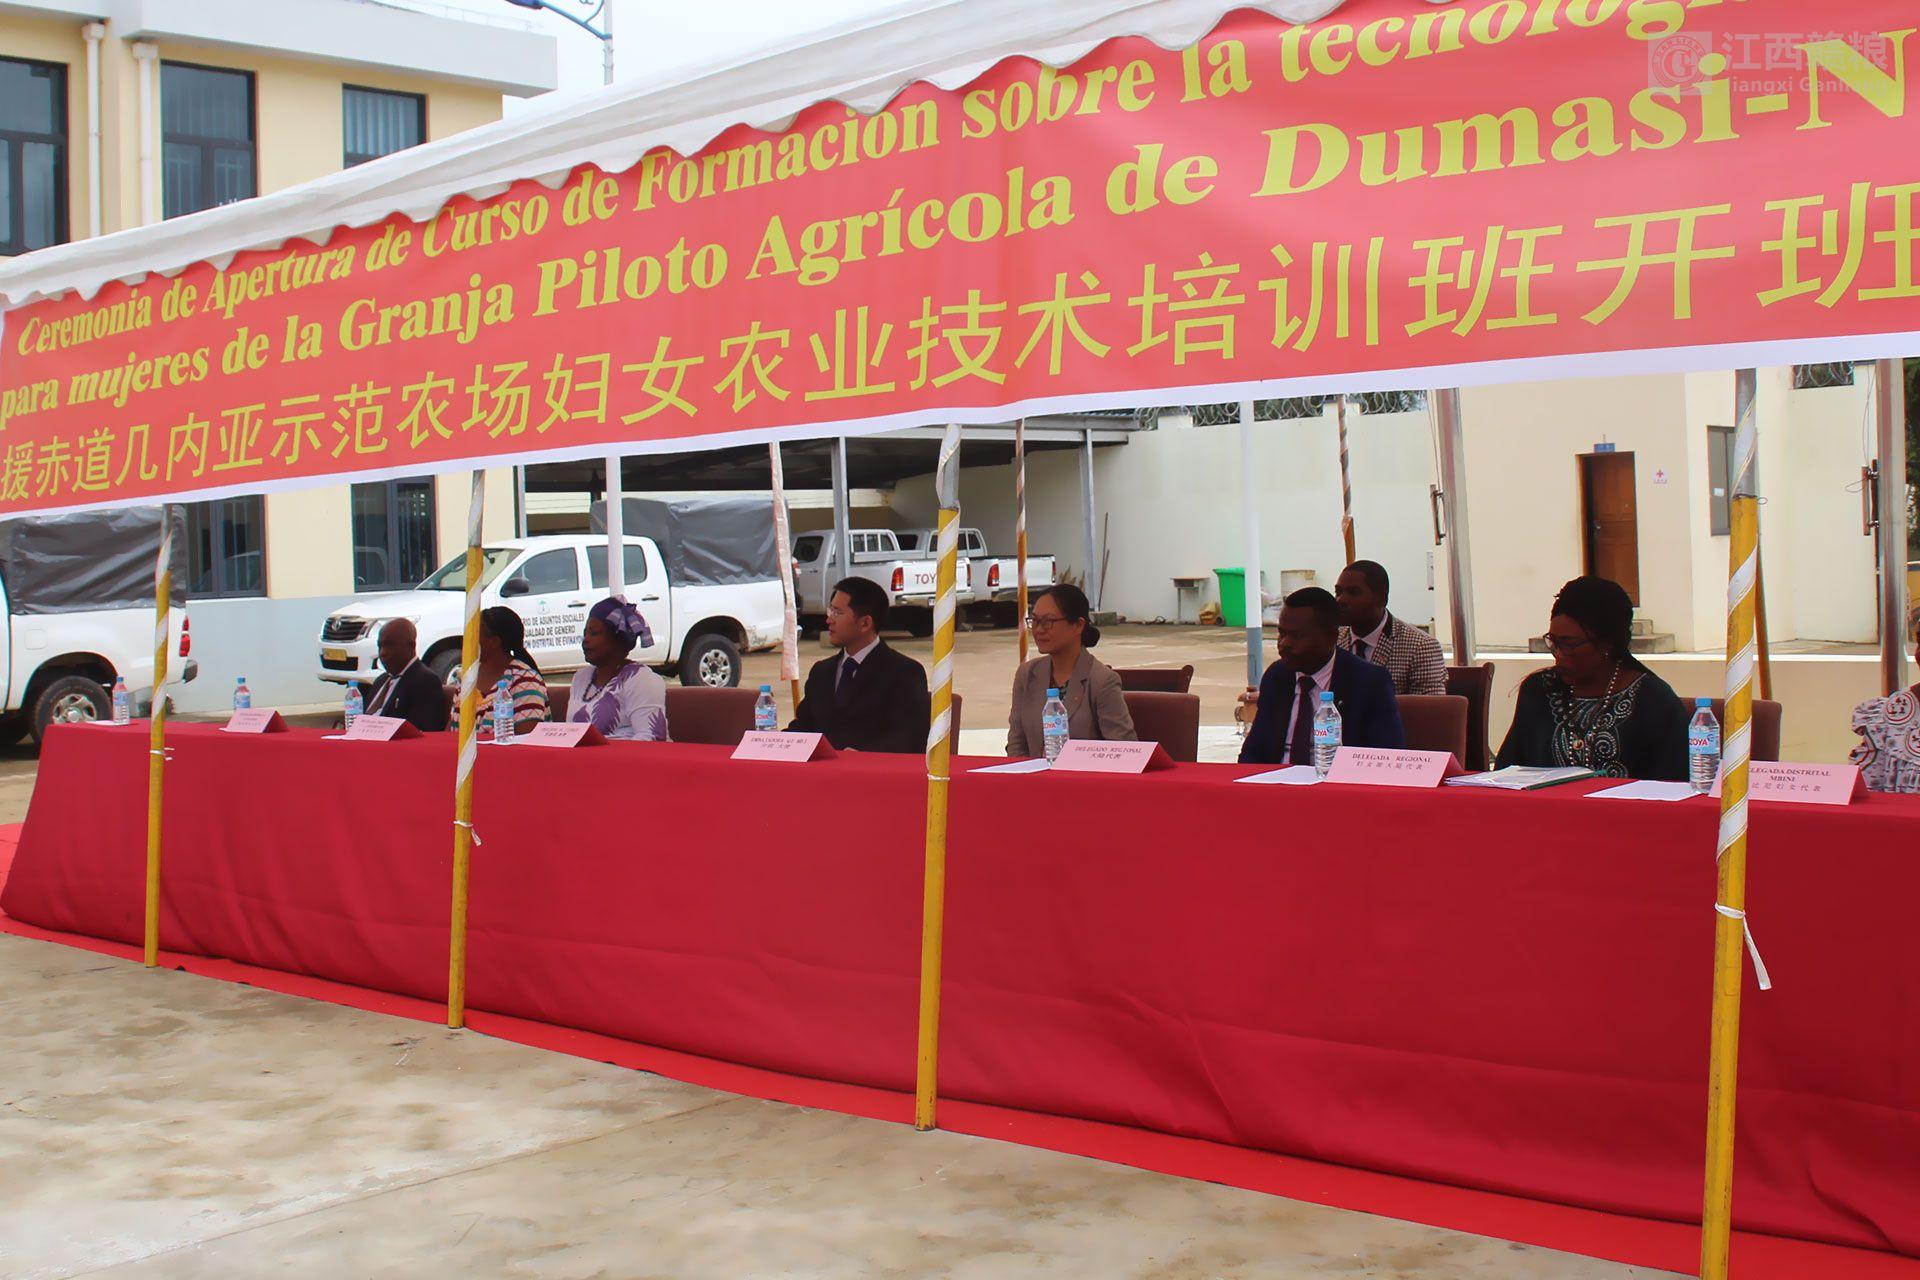 援亚博体育官方app下载亚博yabo外围app农场妇女农业技术培训班开班  亓玫大使、苏建国参赞出席